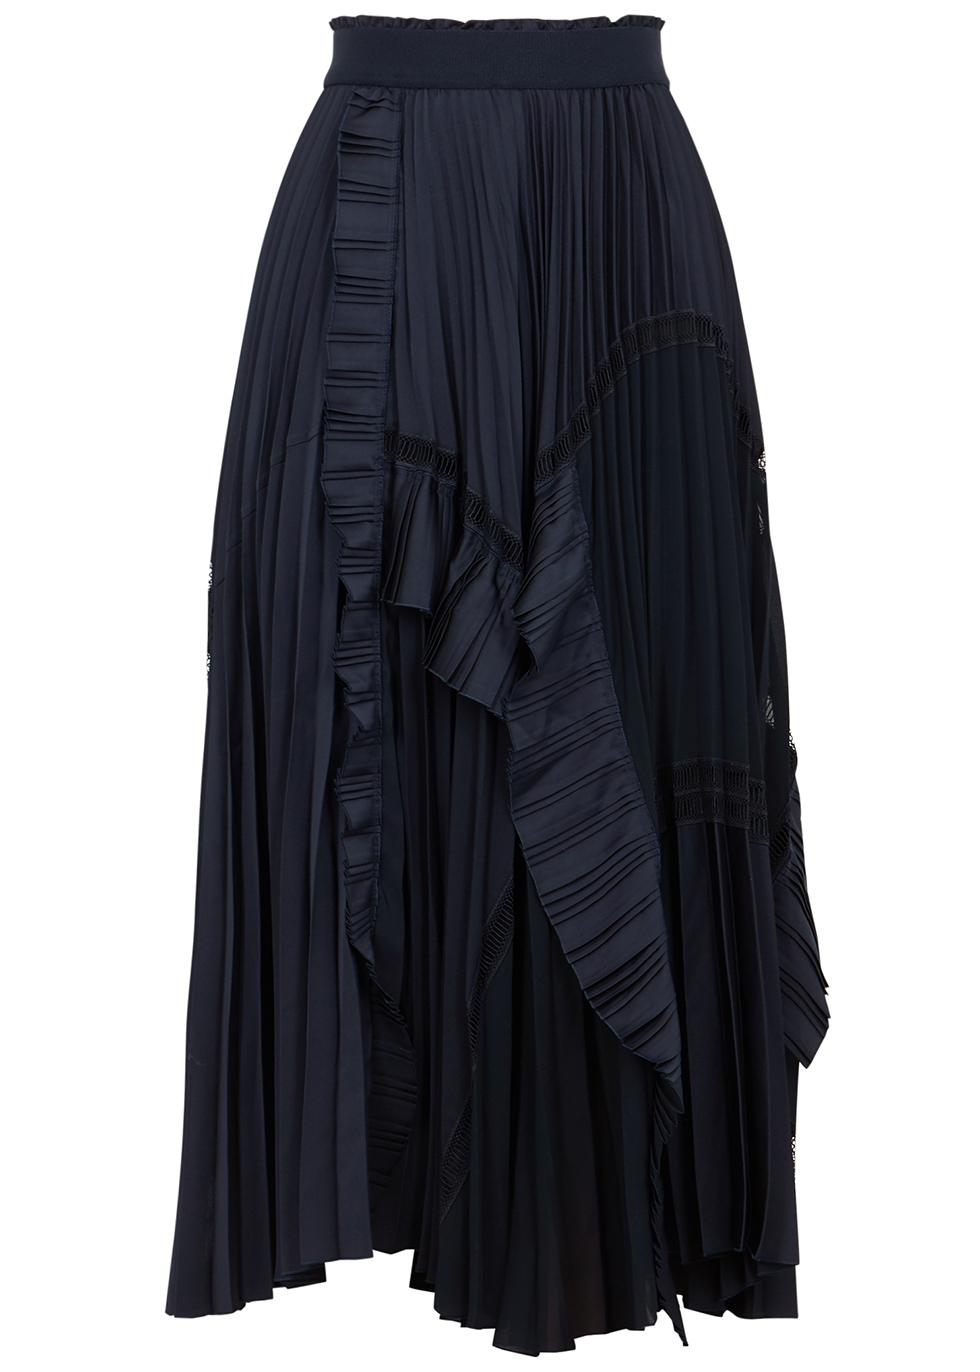 Fantastic navy pleated panelled midi skirt